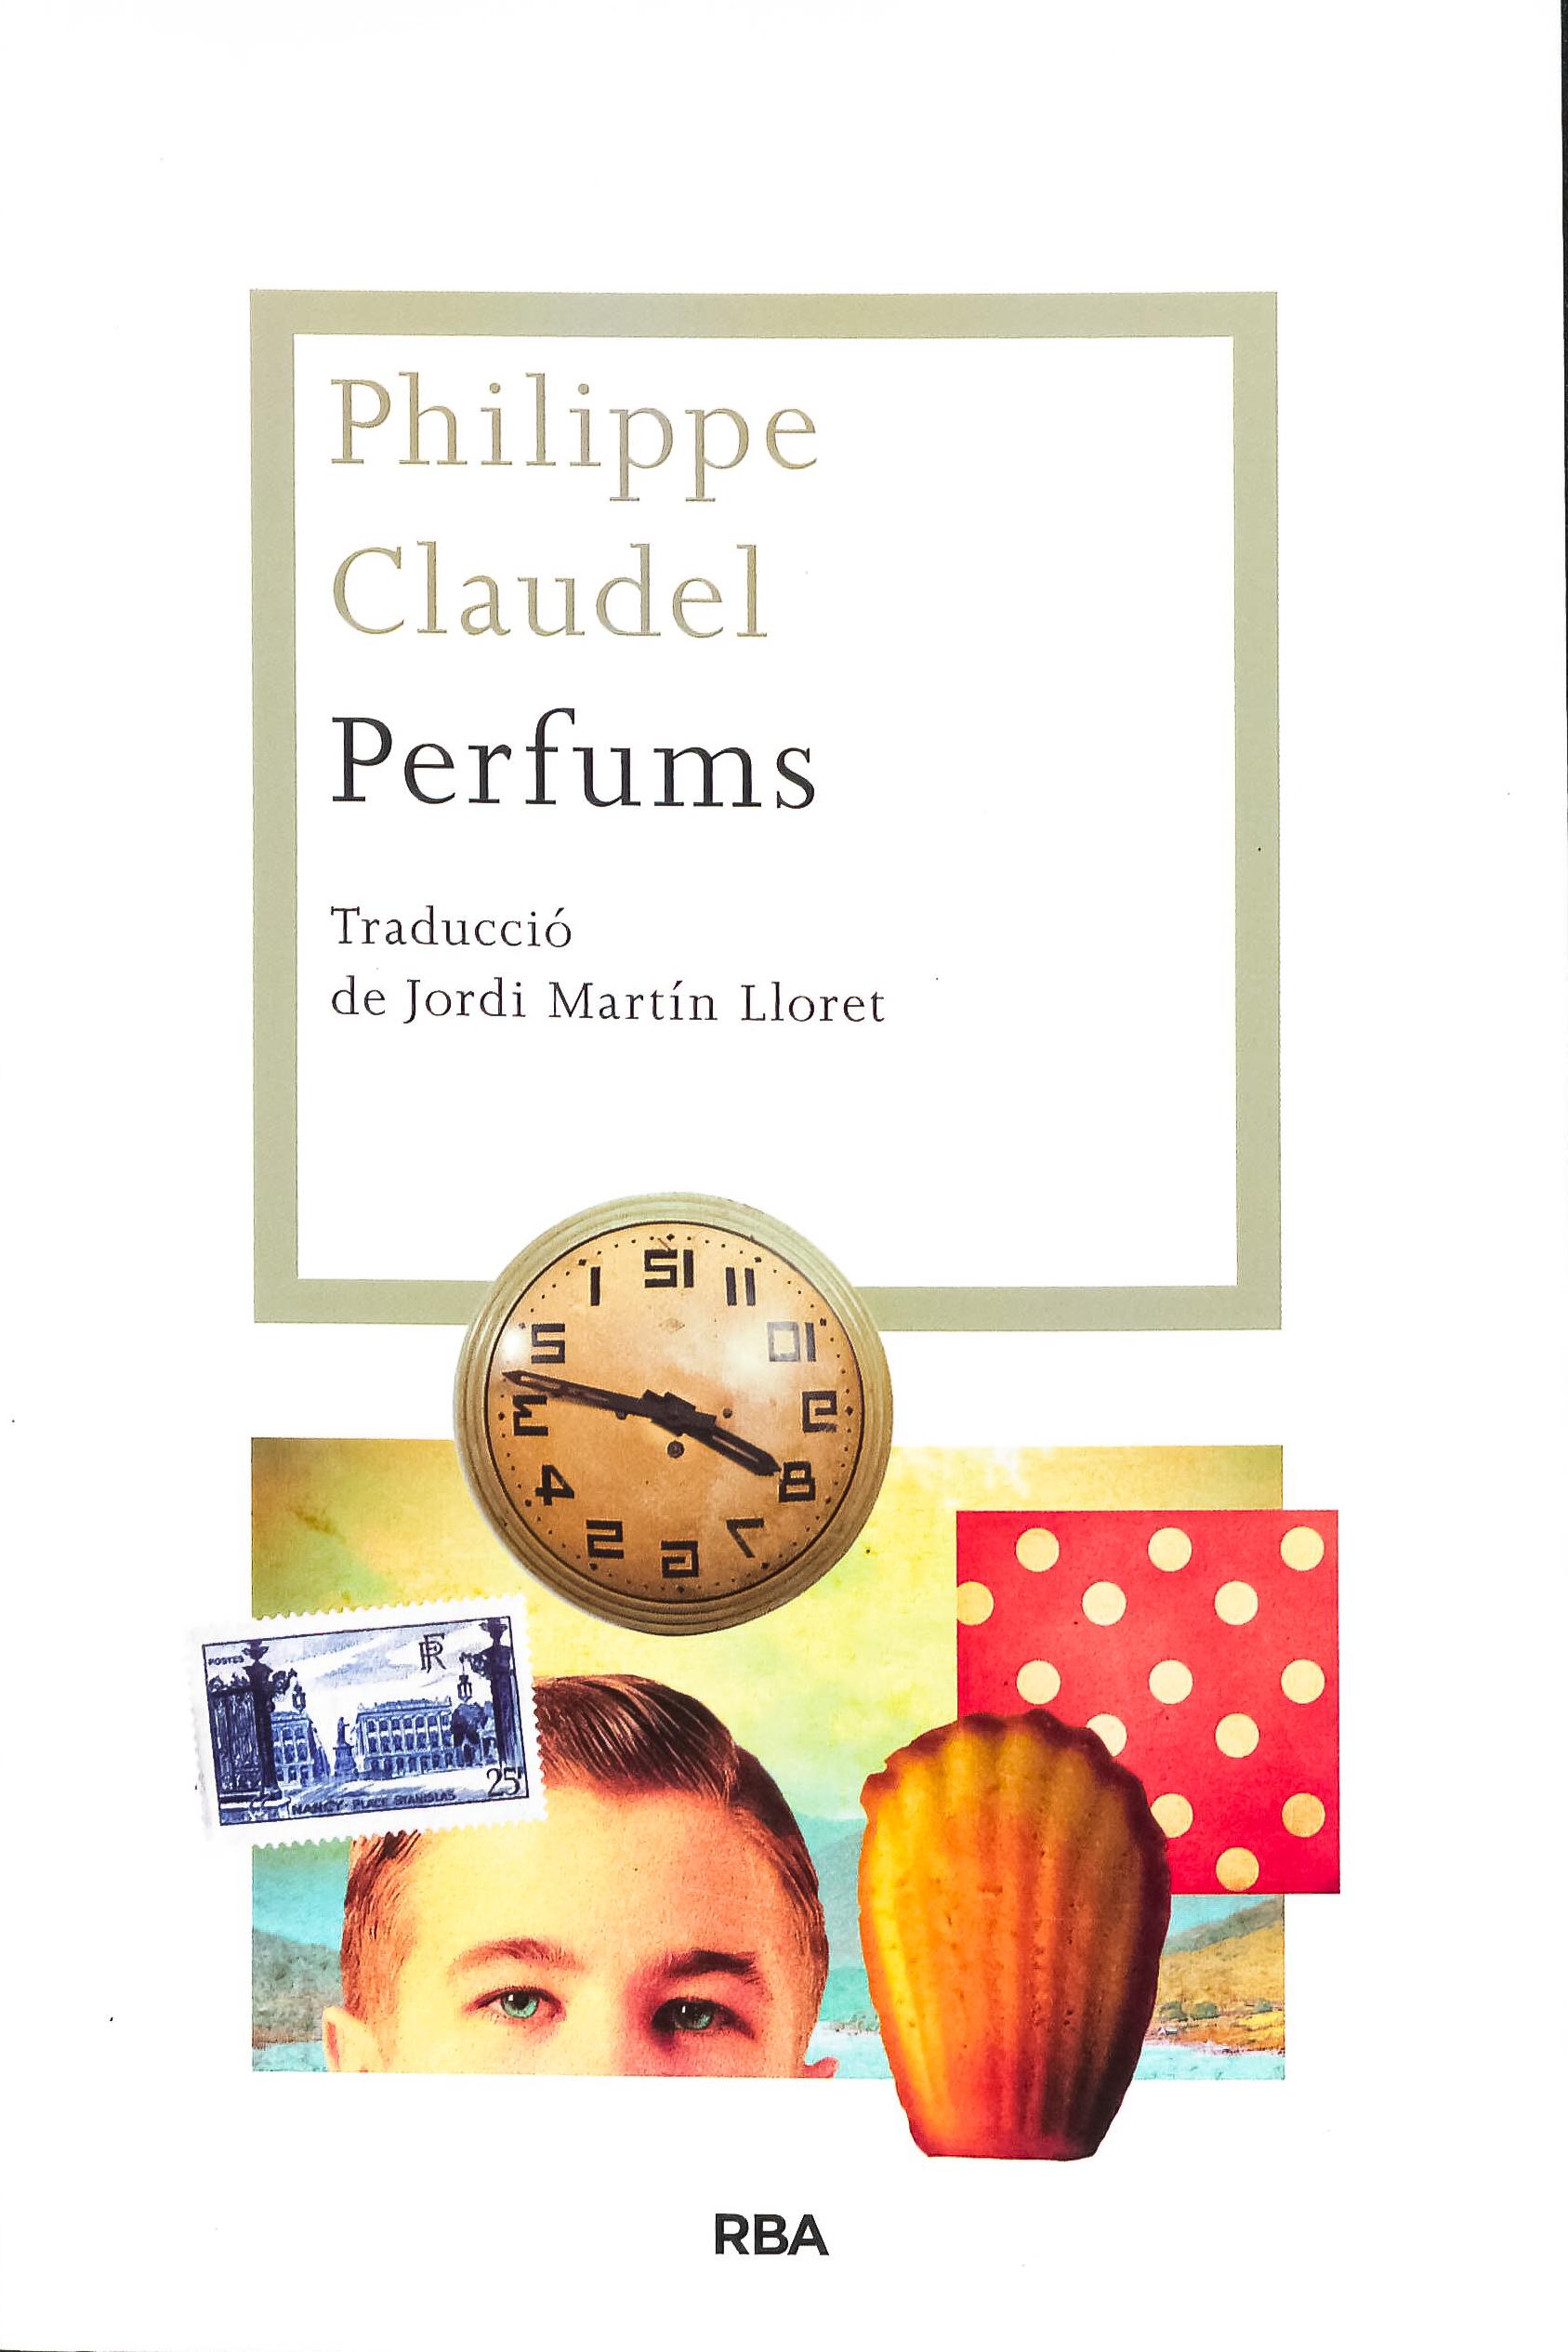 Couverture des Parfums de Philippe Claudel édition catalane